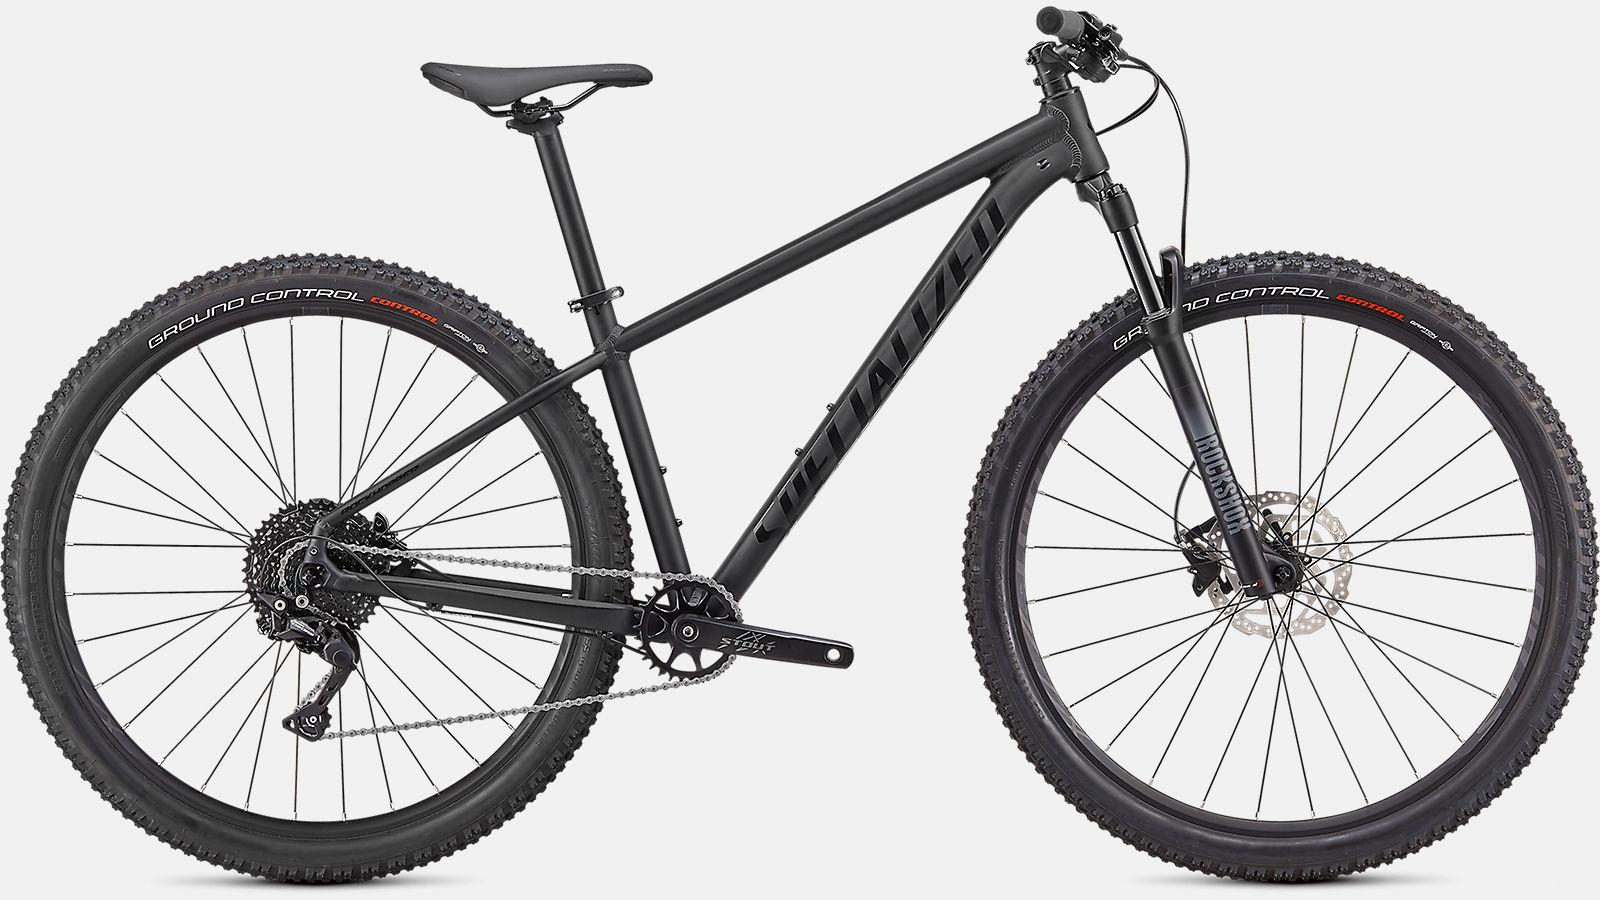 Specialized Rockhopper Elite Hardtail Mountain Bike